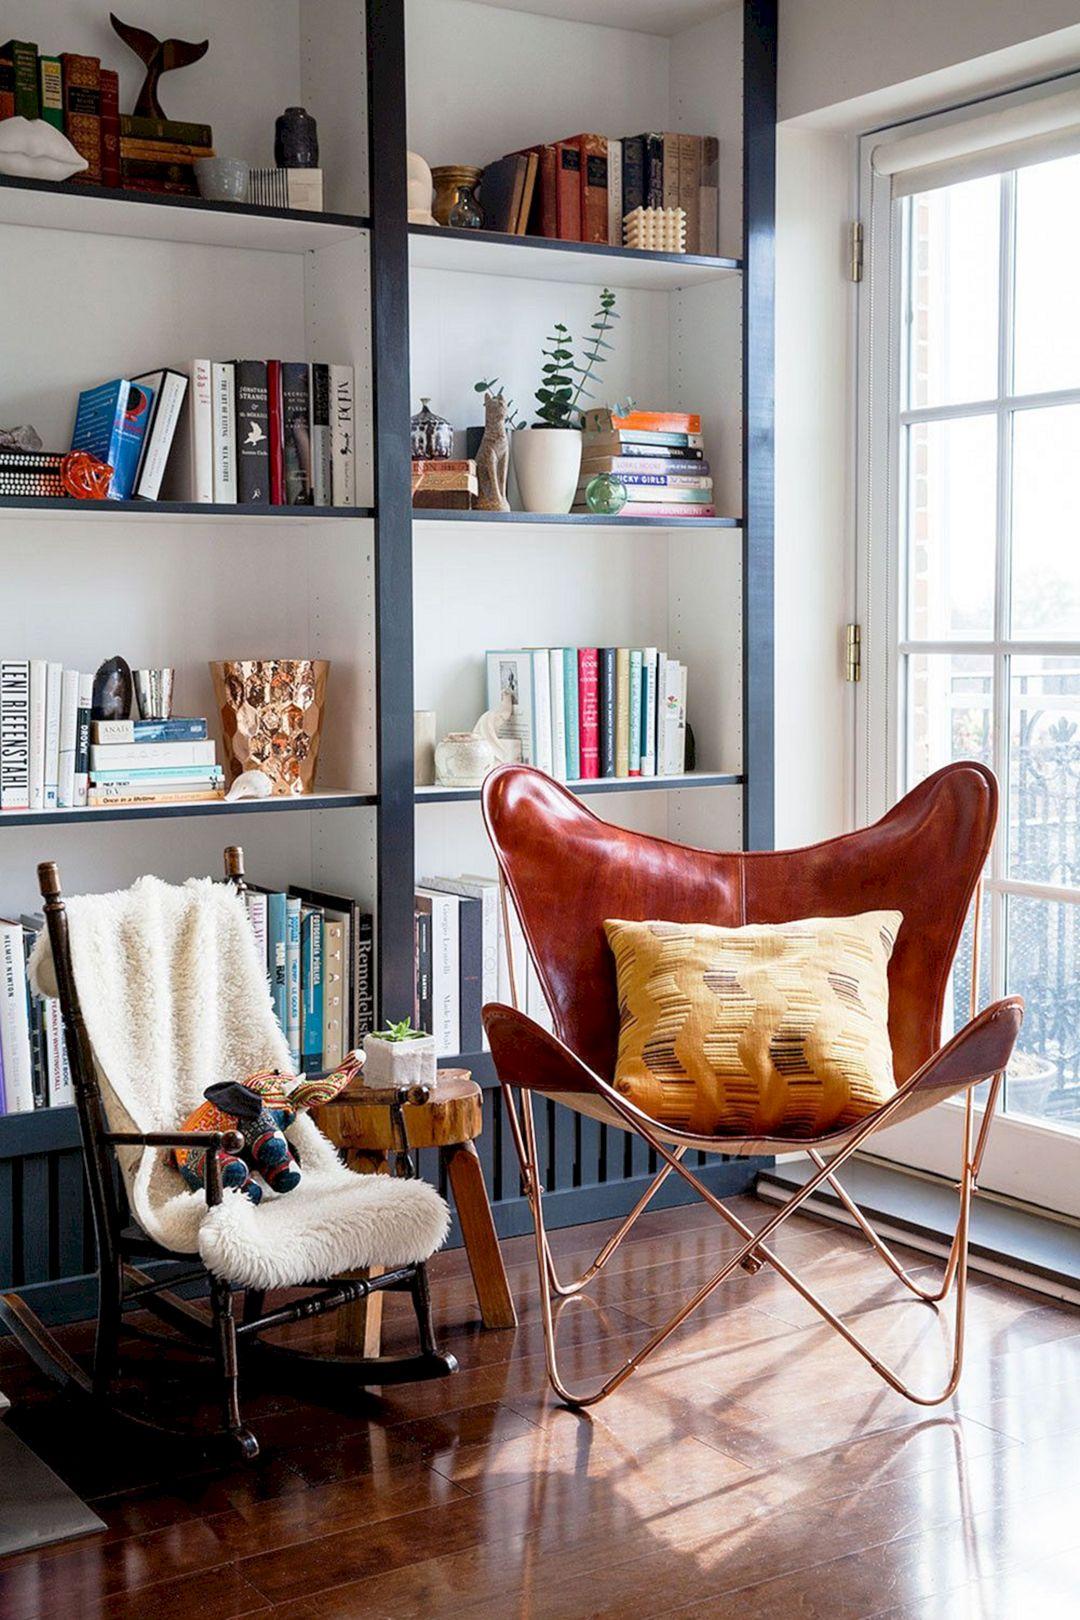 IKEA Hack Decoration Ideas